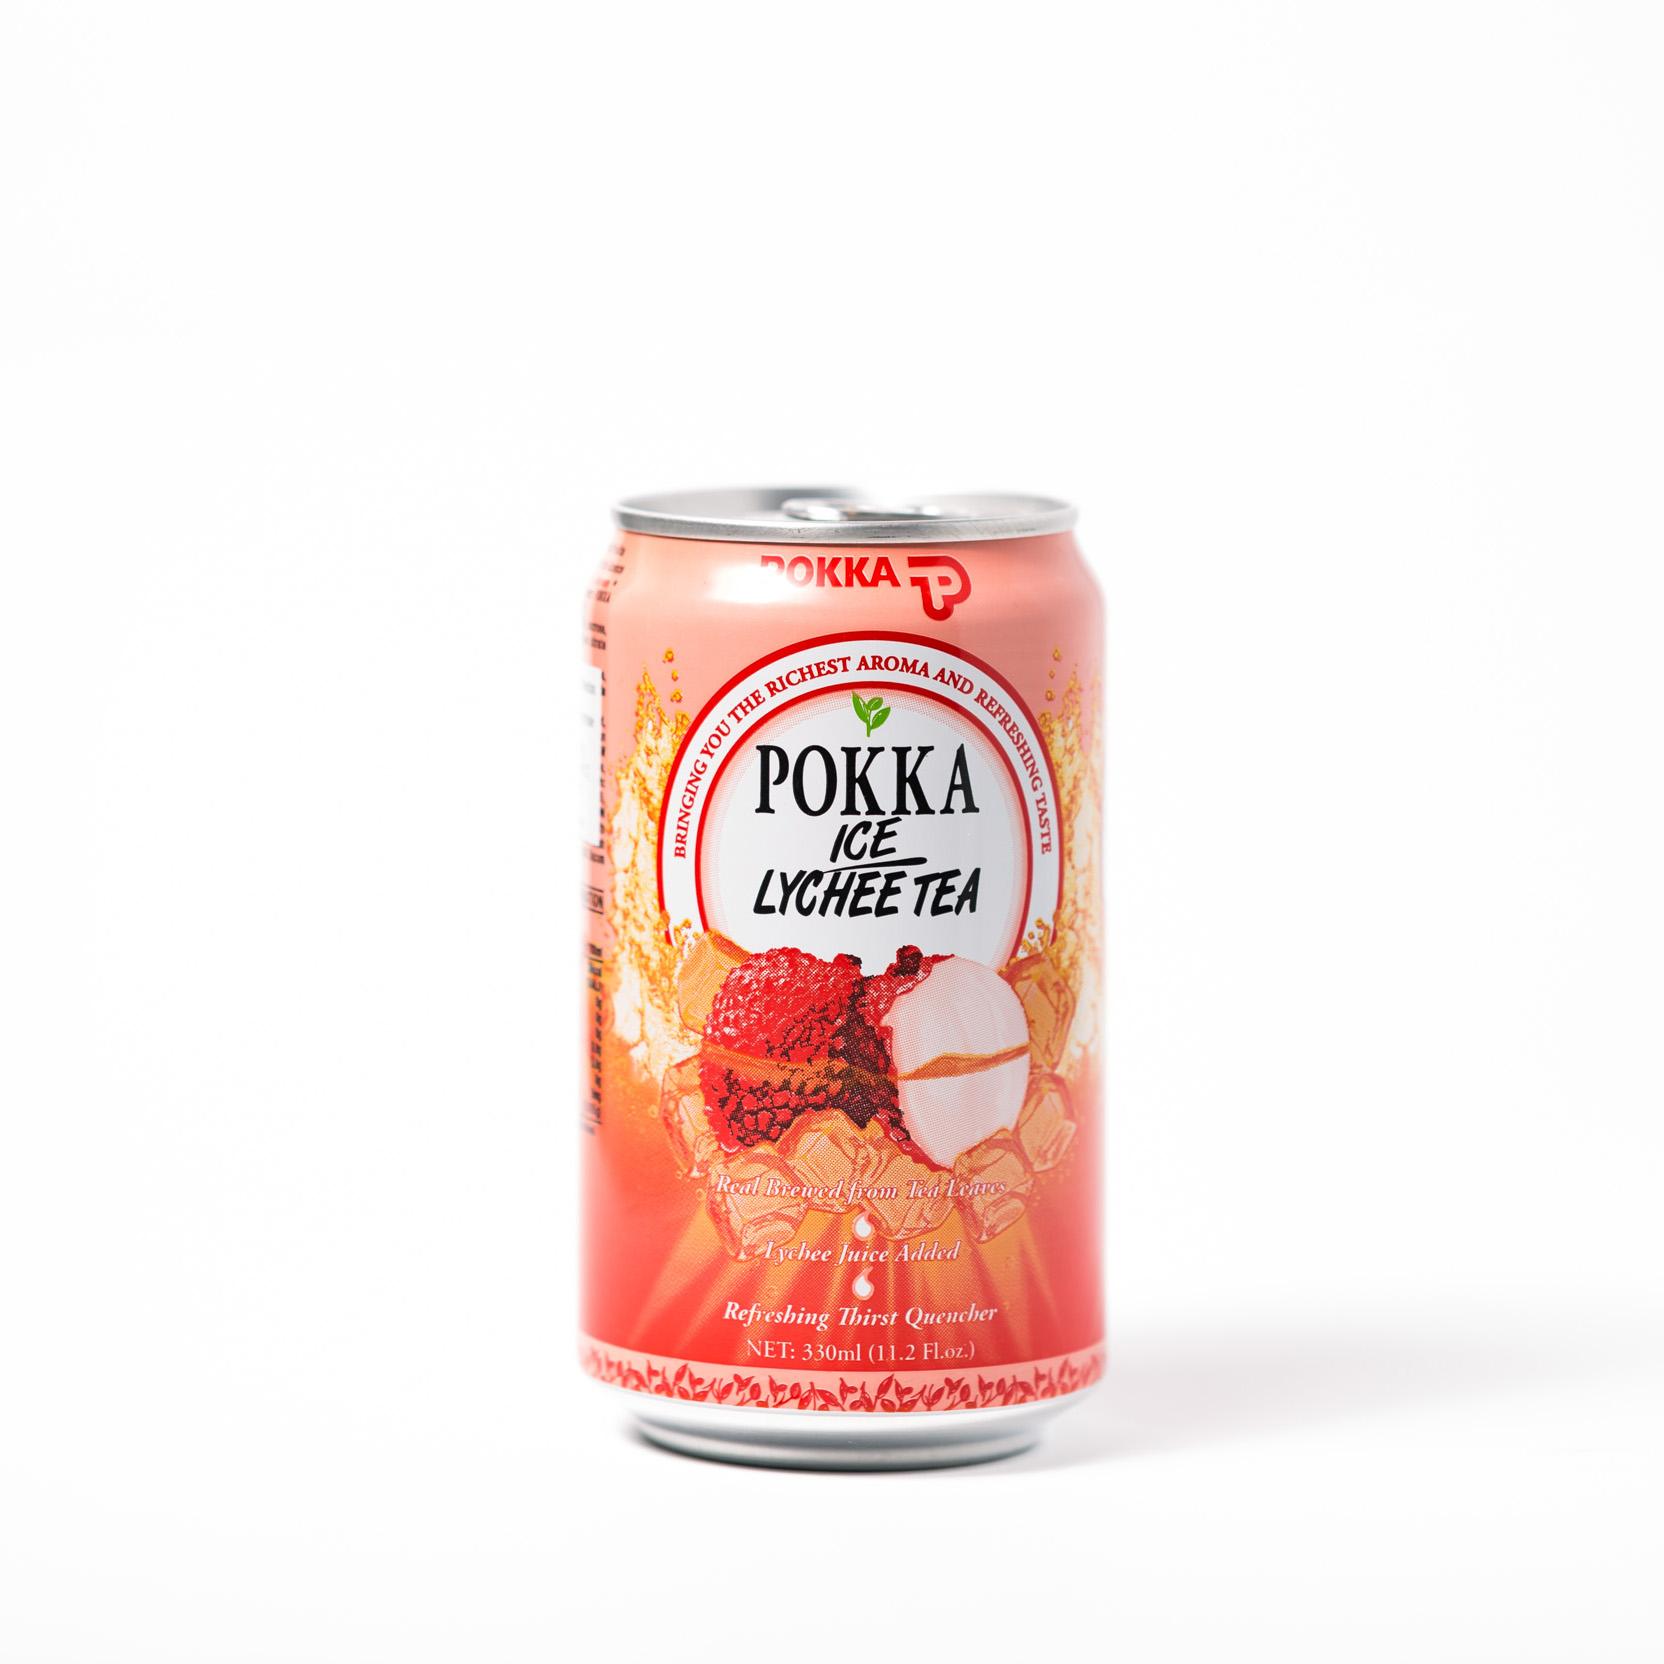 Pokka lychee